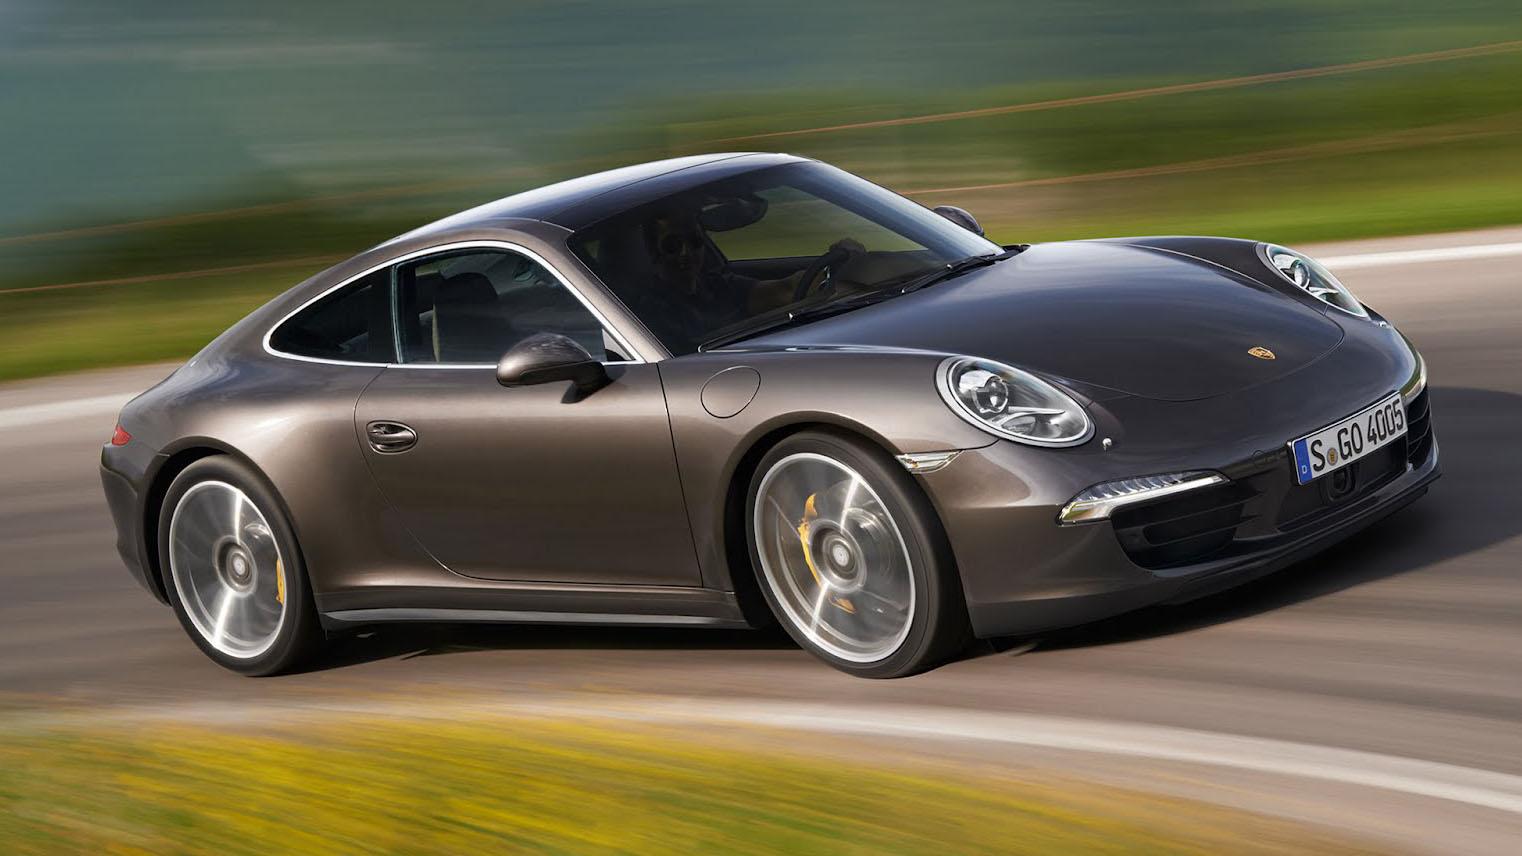 Porsche 911 Carrera - лучший спортивный кар 2015 года